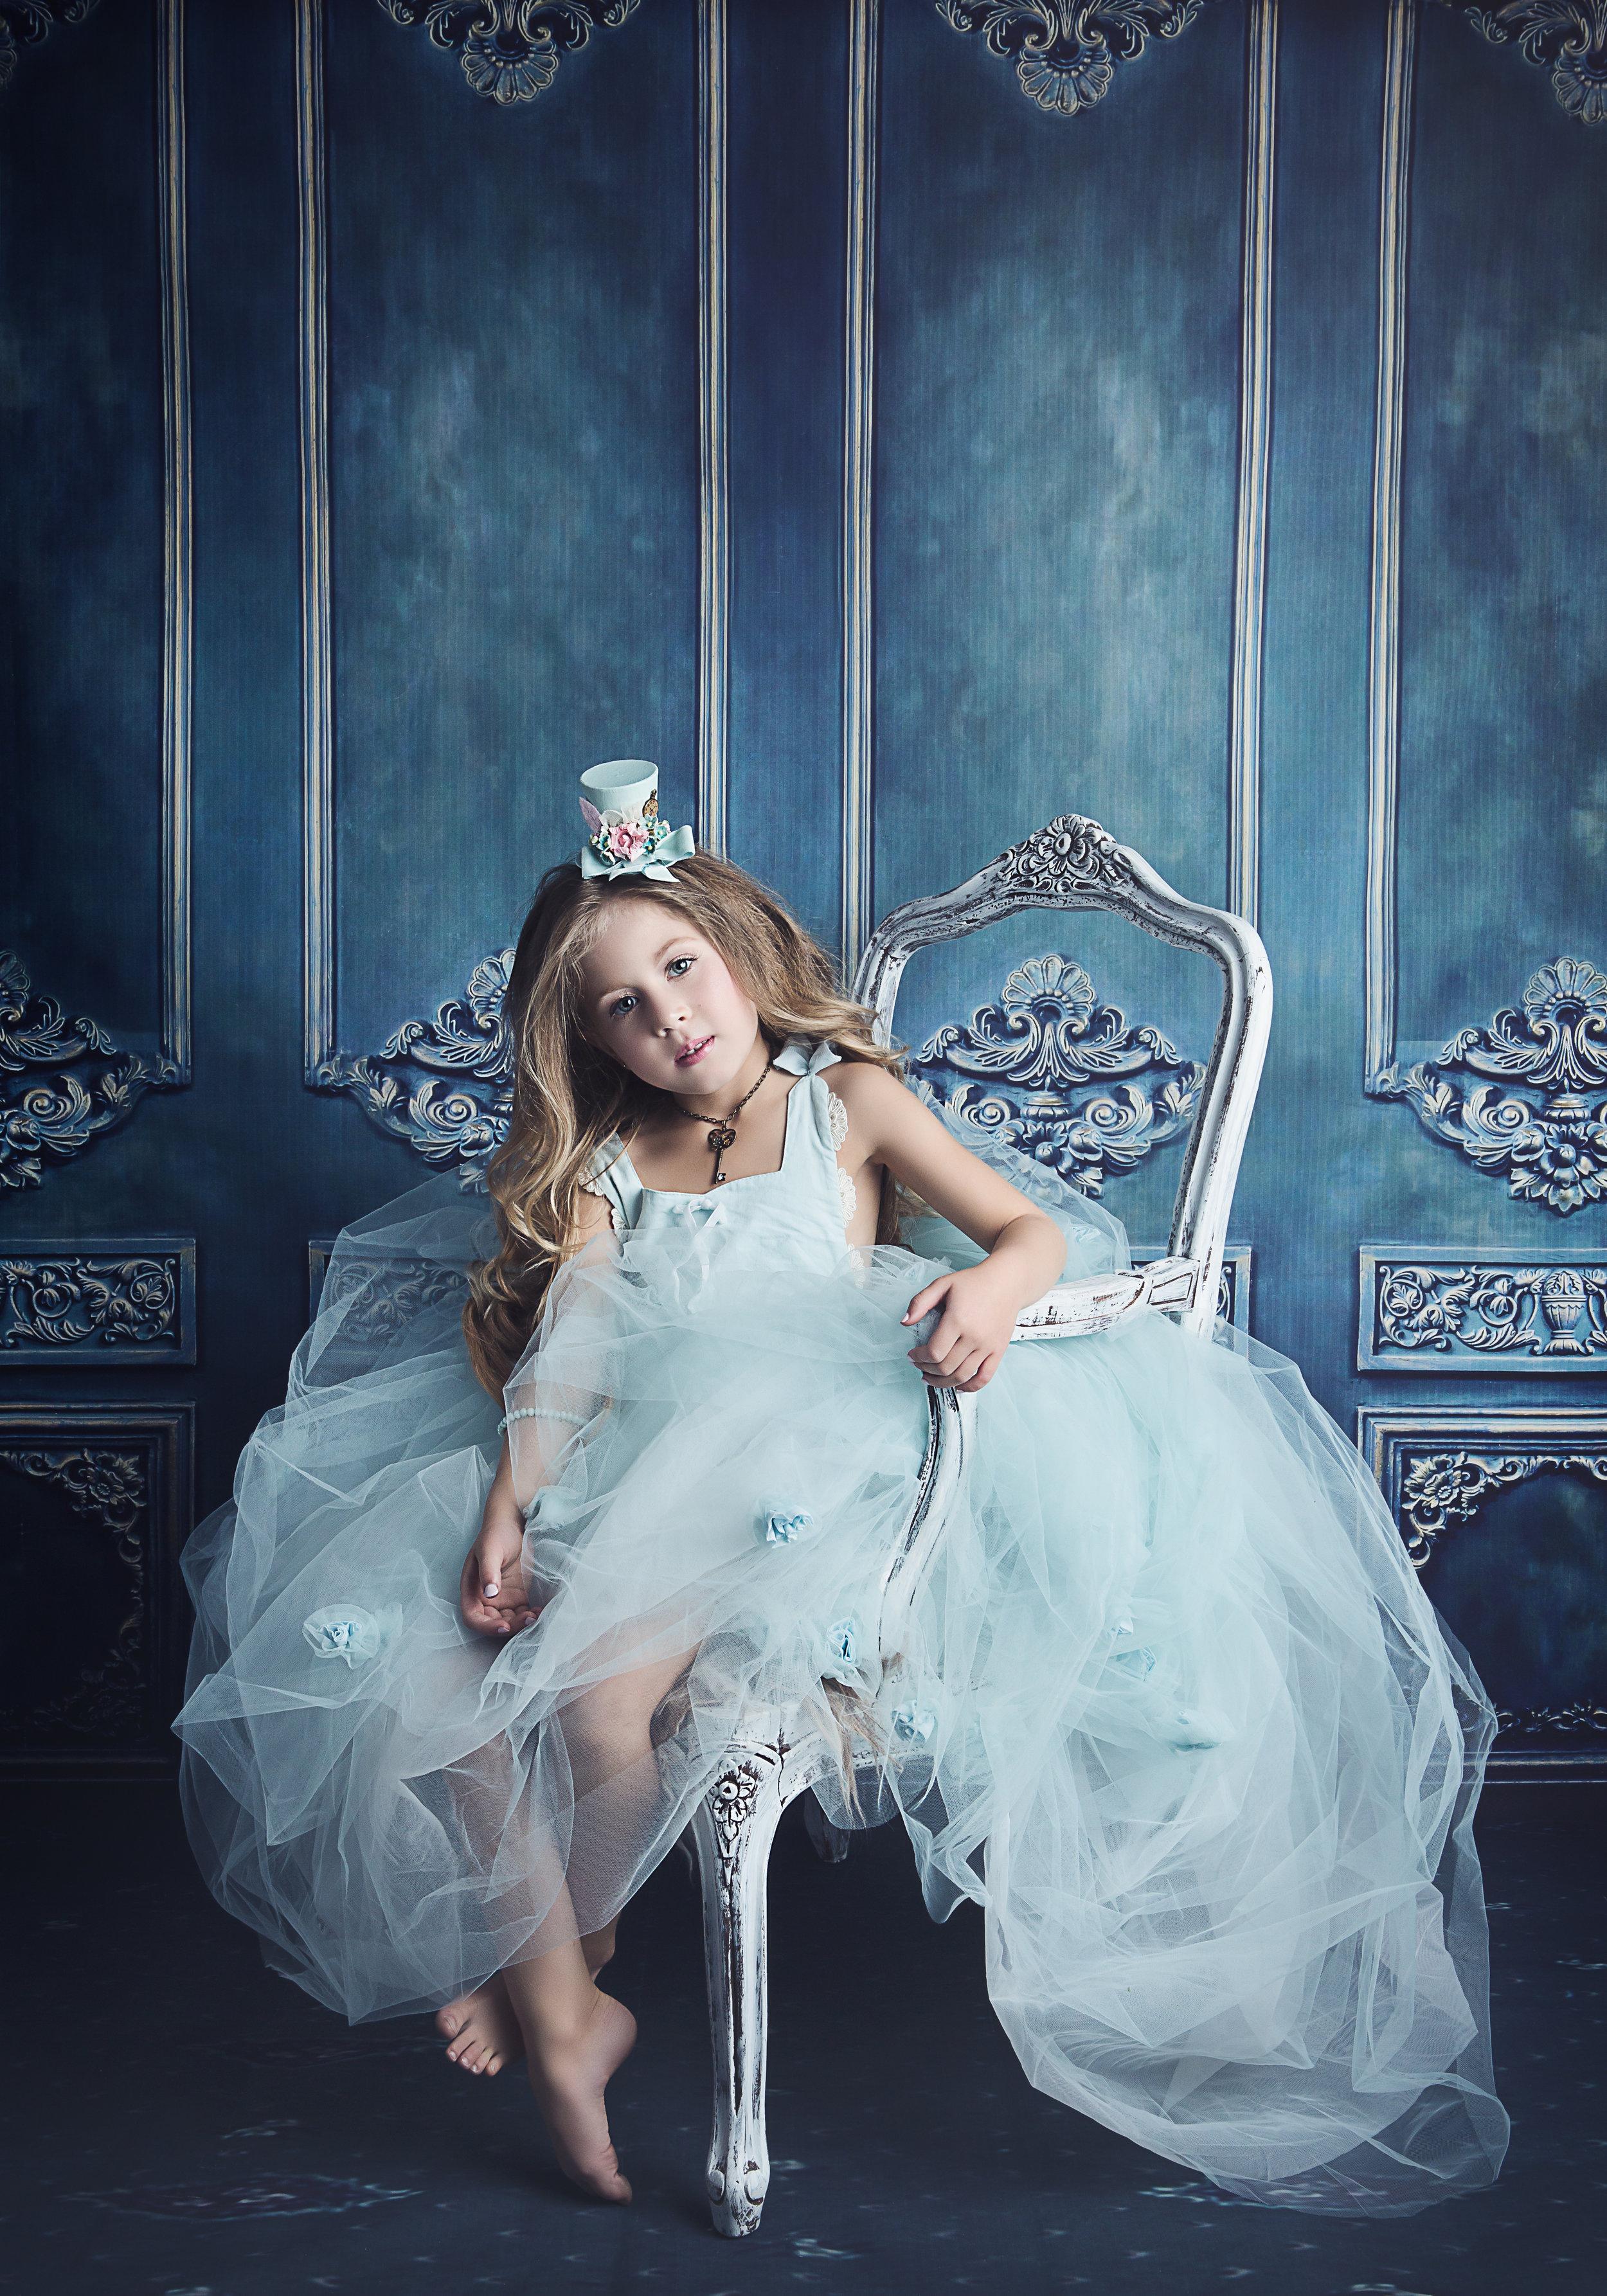 bianca-morello-AliceDTM-magPD2017-3.jpg